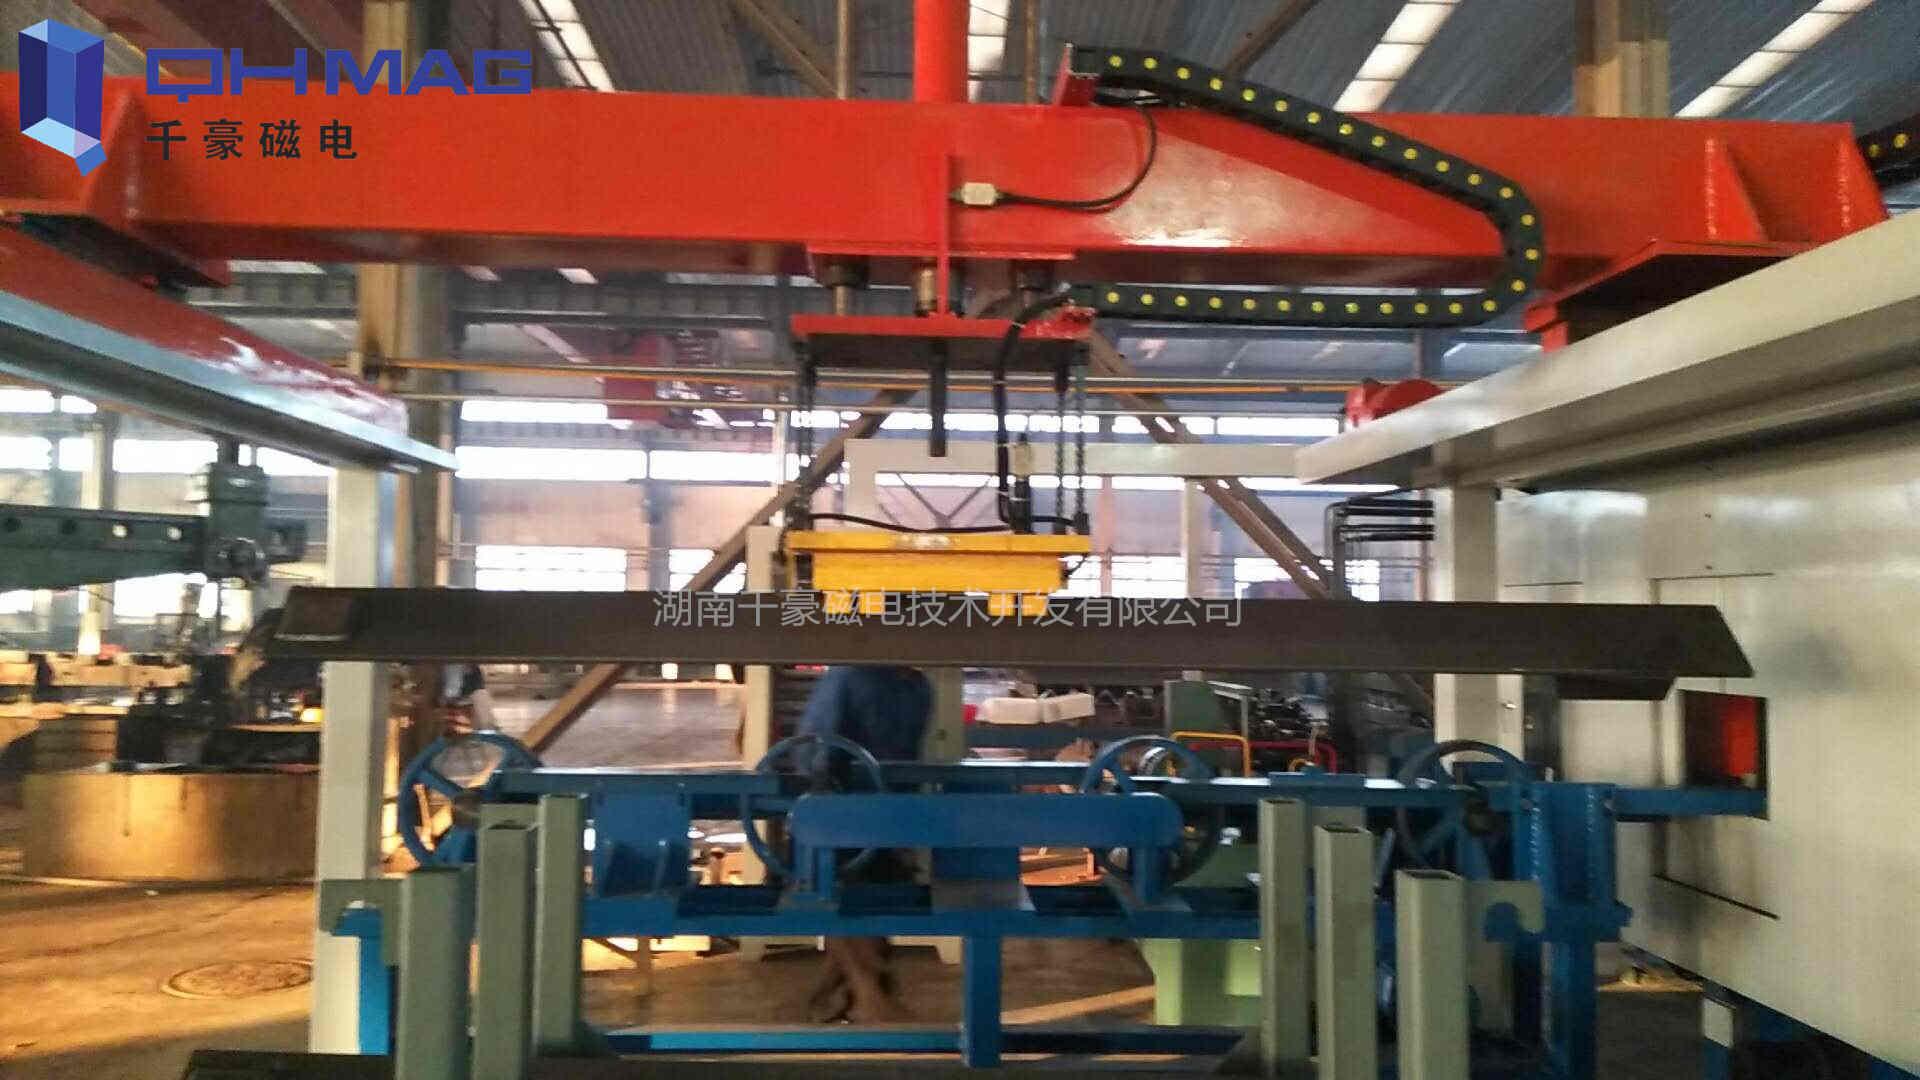 工装自动化电永磁,搬运角钢,千豪磁电